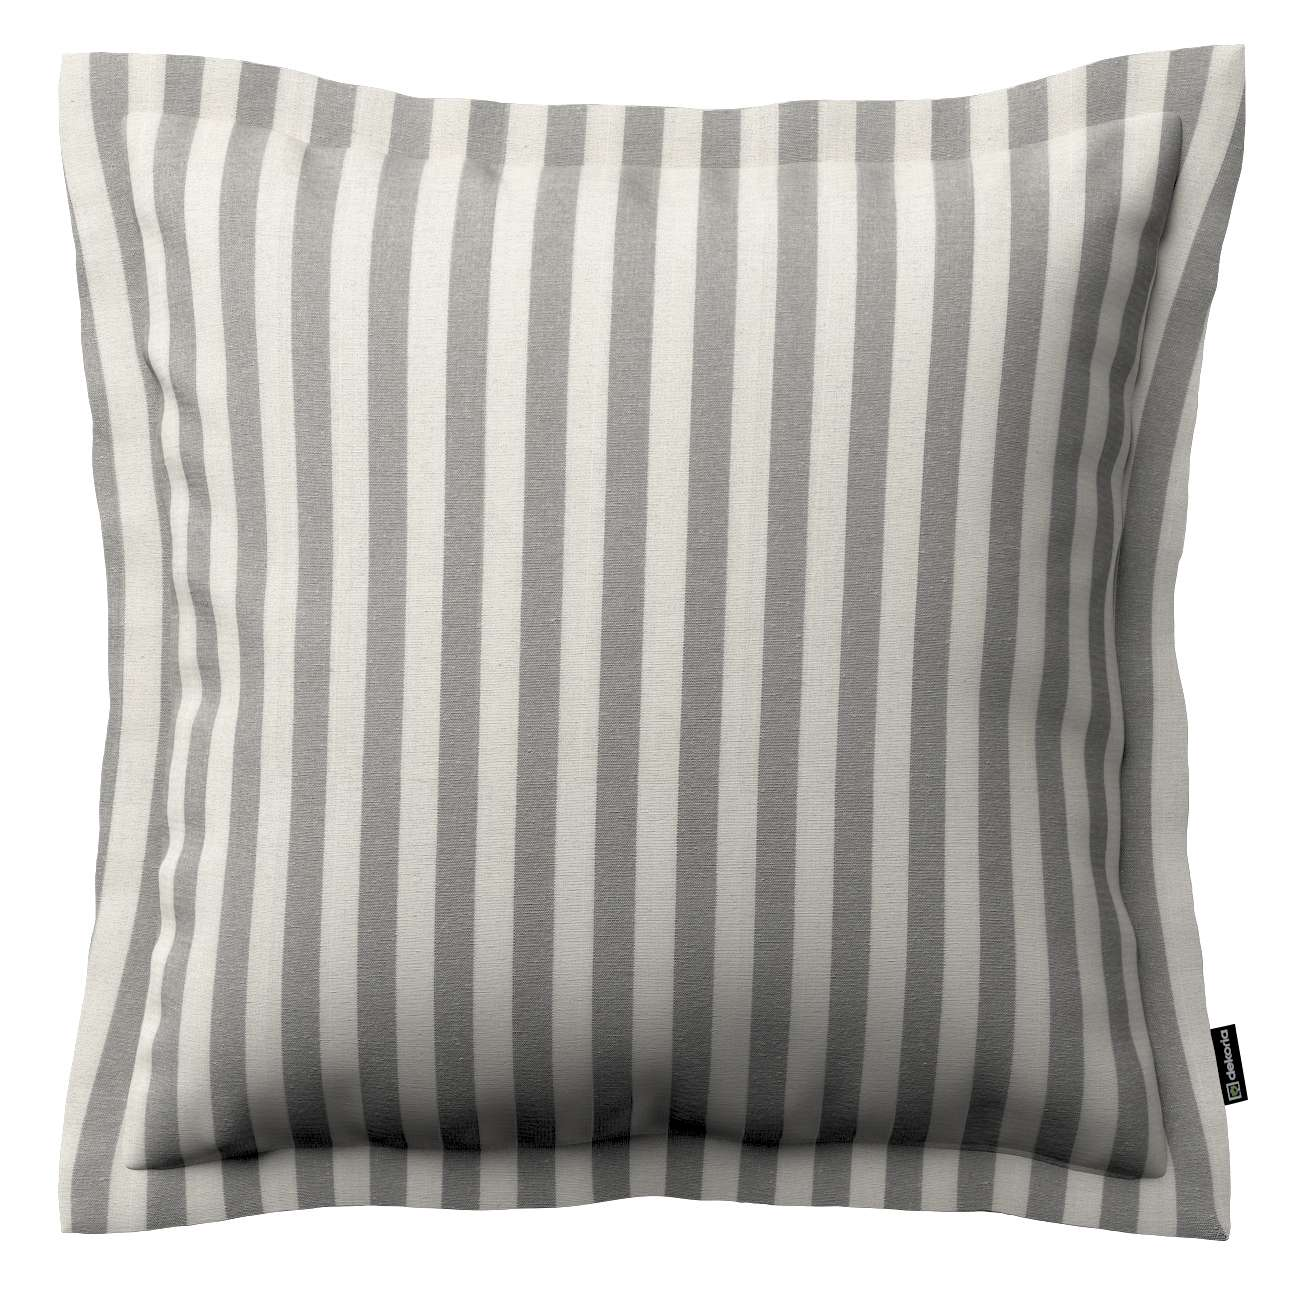 Mona dekoratyvinių pagalvėlių užvalkalas su sienele 38 x 38 cm kolekcijoje Quadro, audinys: 136-12